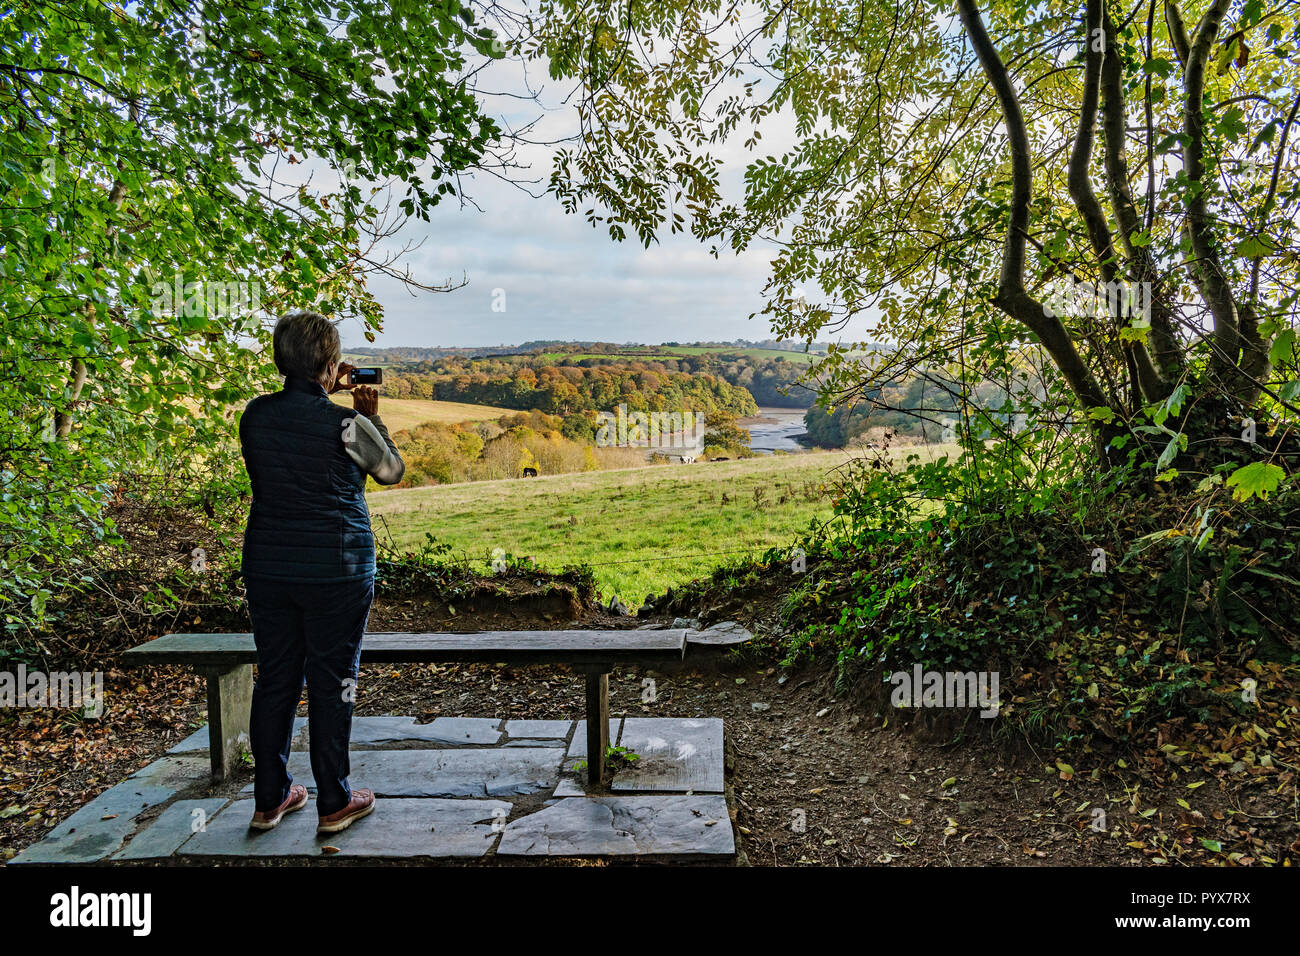 Frau unter Foto von Landschaft und Fluss Fal Creek in der Nähe von Truro, Cornwall, England, Großbritannien, Großbritannien. Stockbild